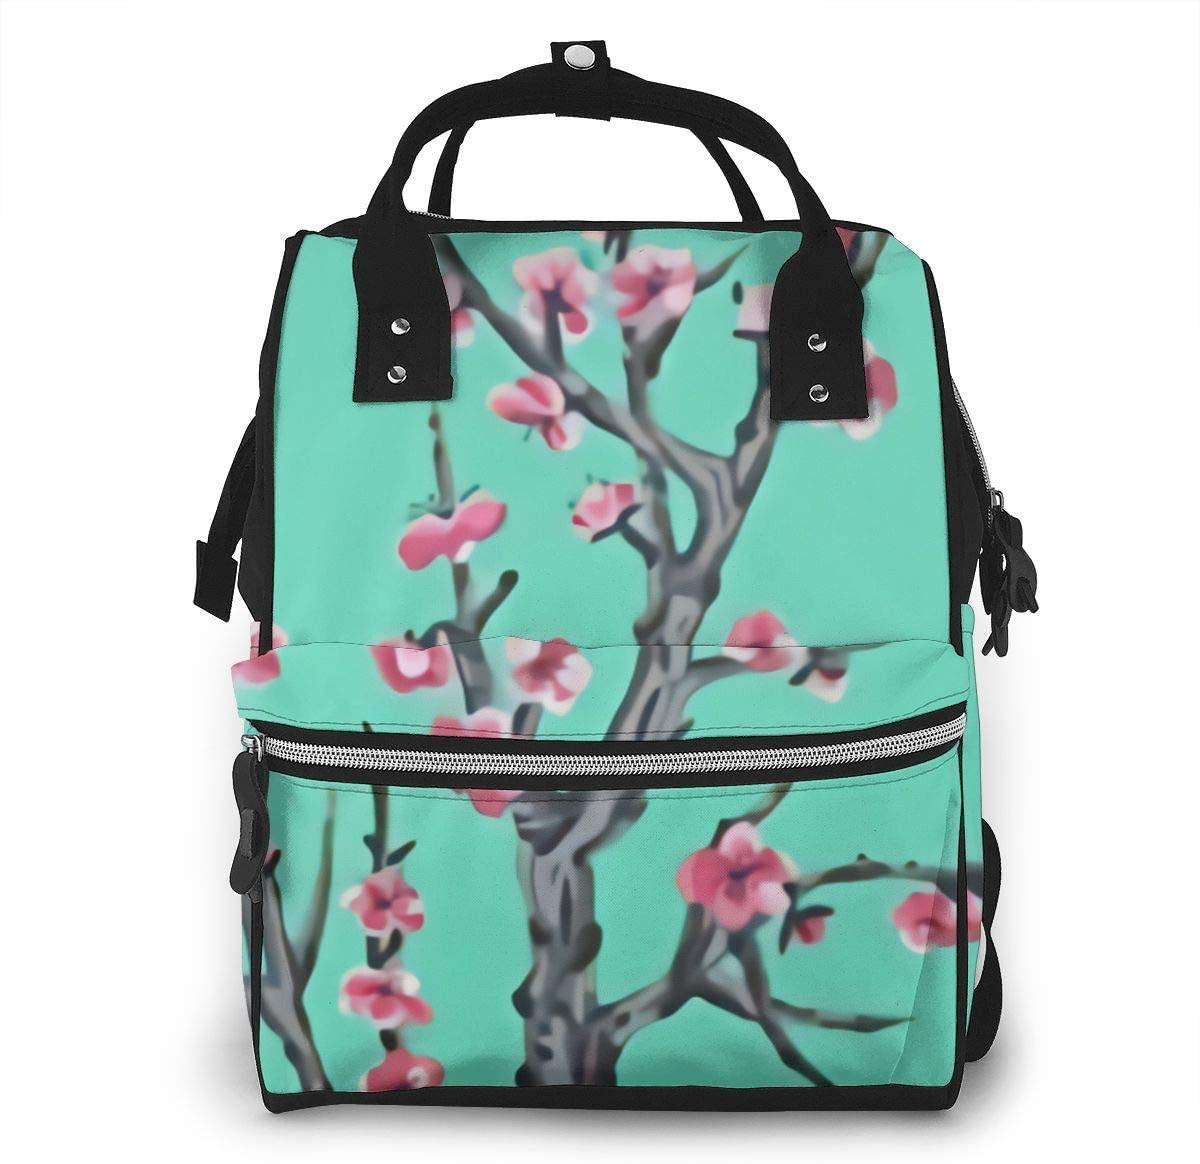 5husihai Arizona Ice Tea Multifunctional Waterproof Travel Backpack Baby Mummy Backpack